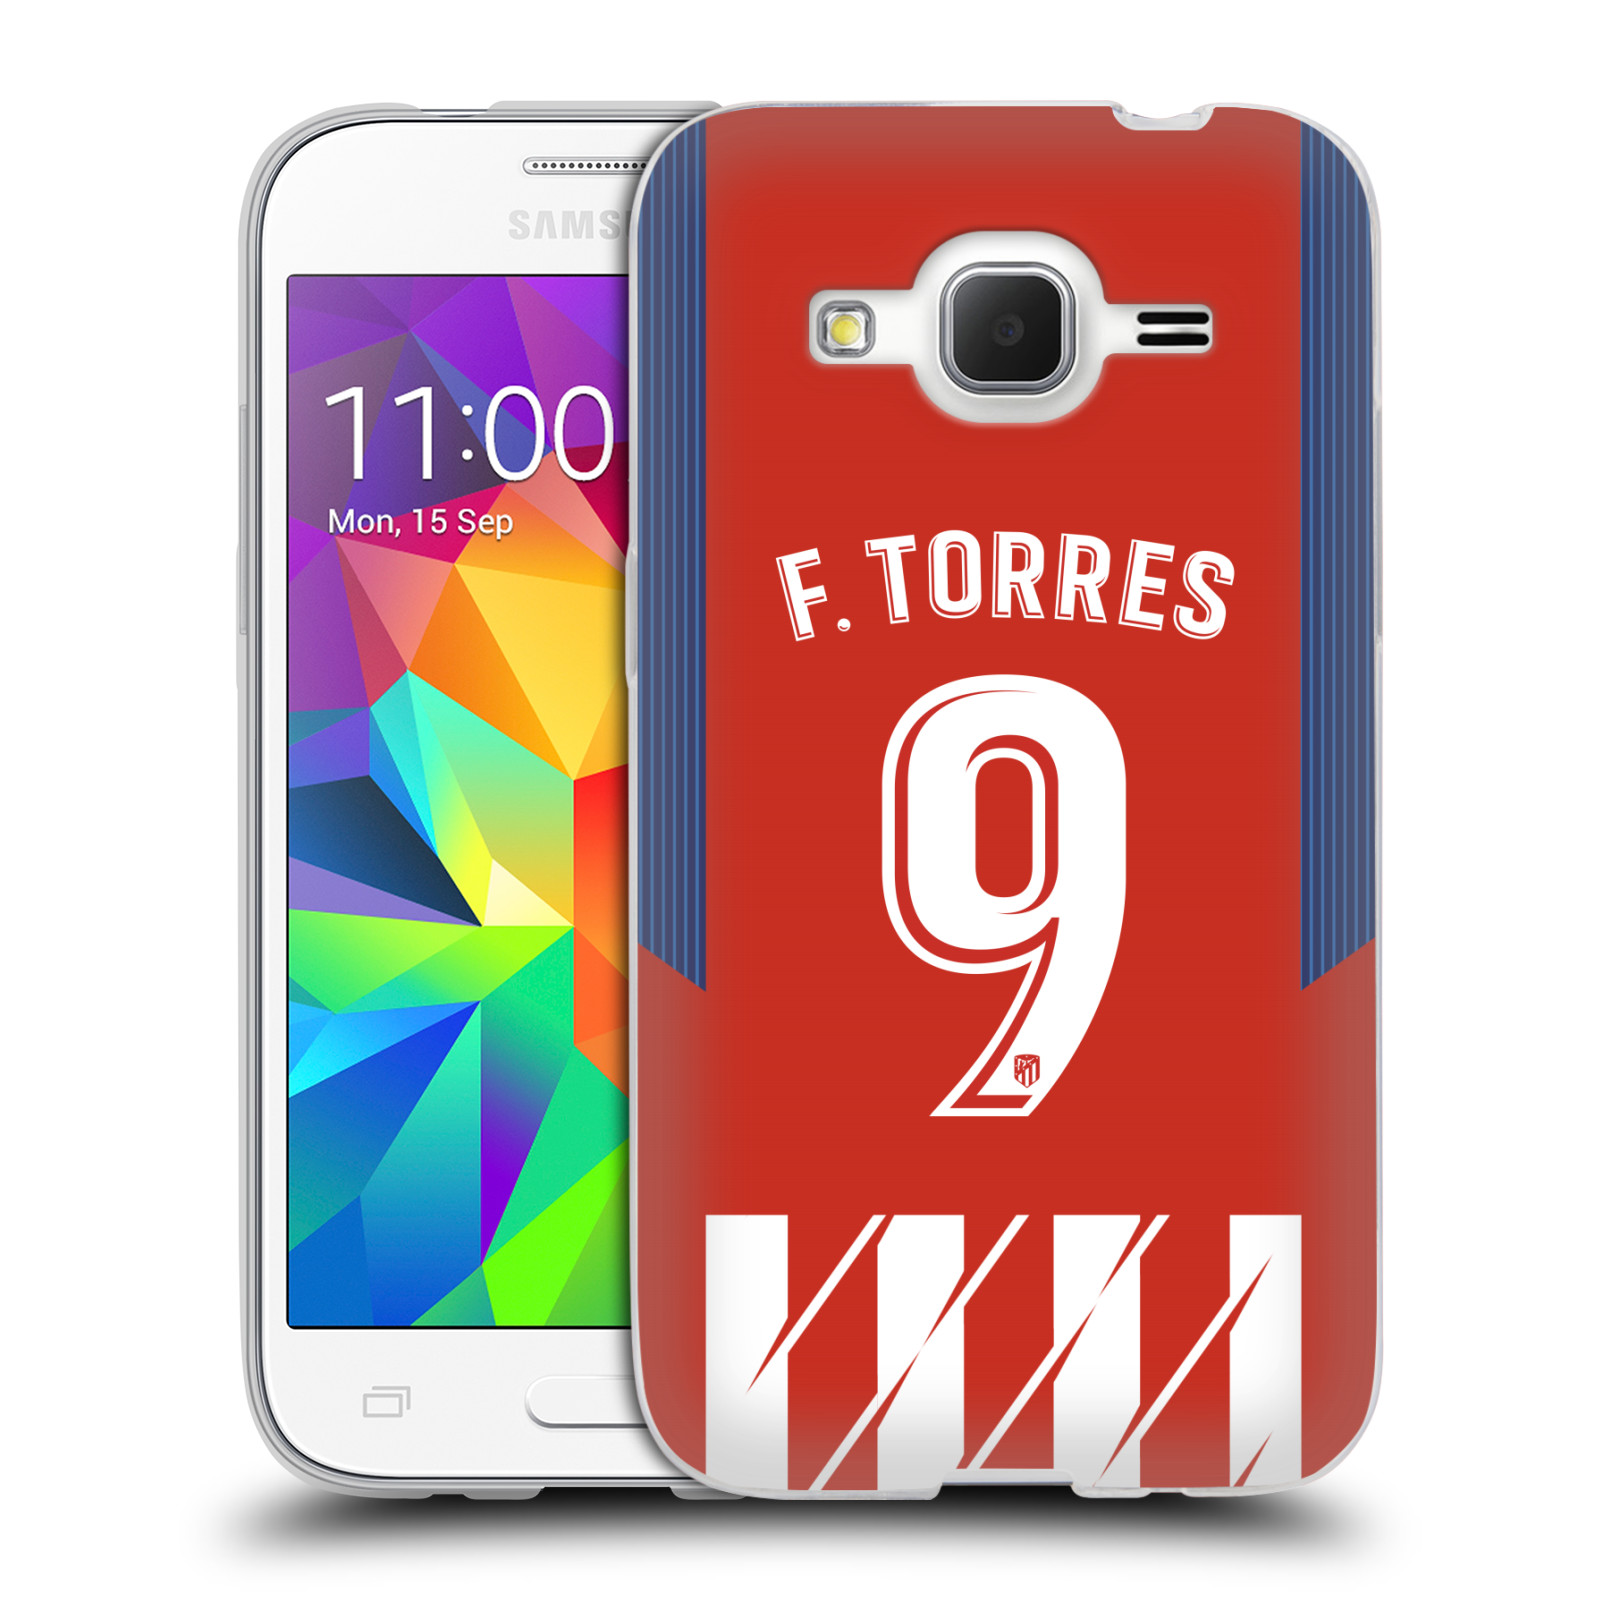 HEAD CASE silikonový obal na mobil Samsung Galaxy Core Prime (G360) Fotbalový klub Atlético Madrid dres Fernando Torres